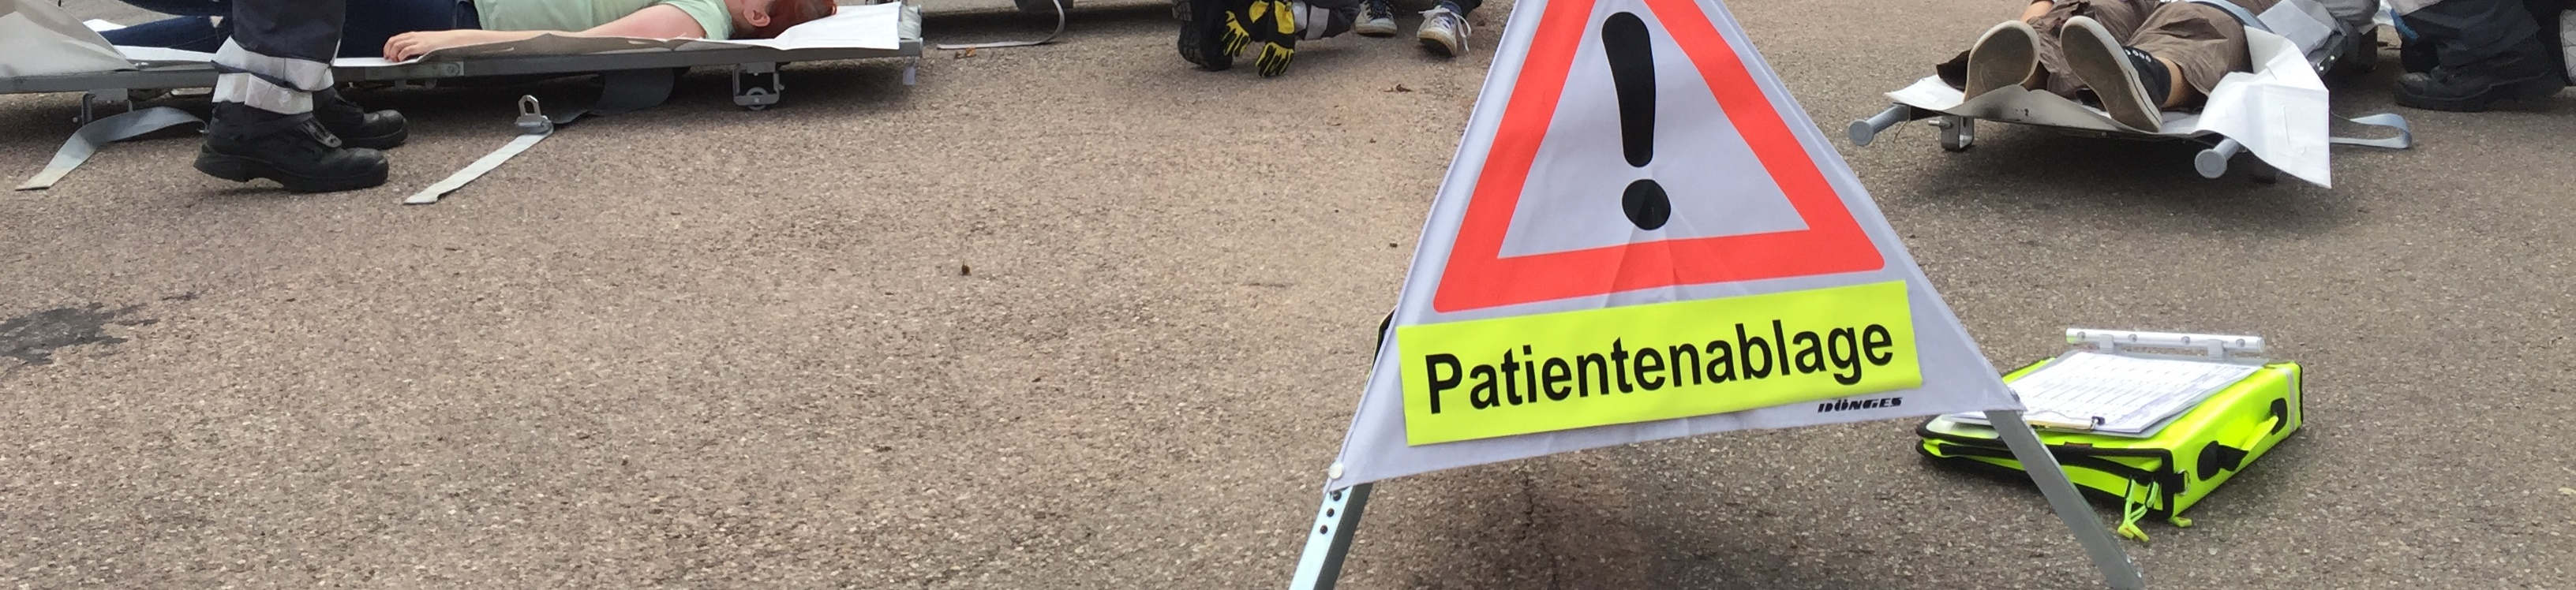 Patientenablage Behandlungsplatz